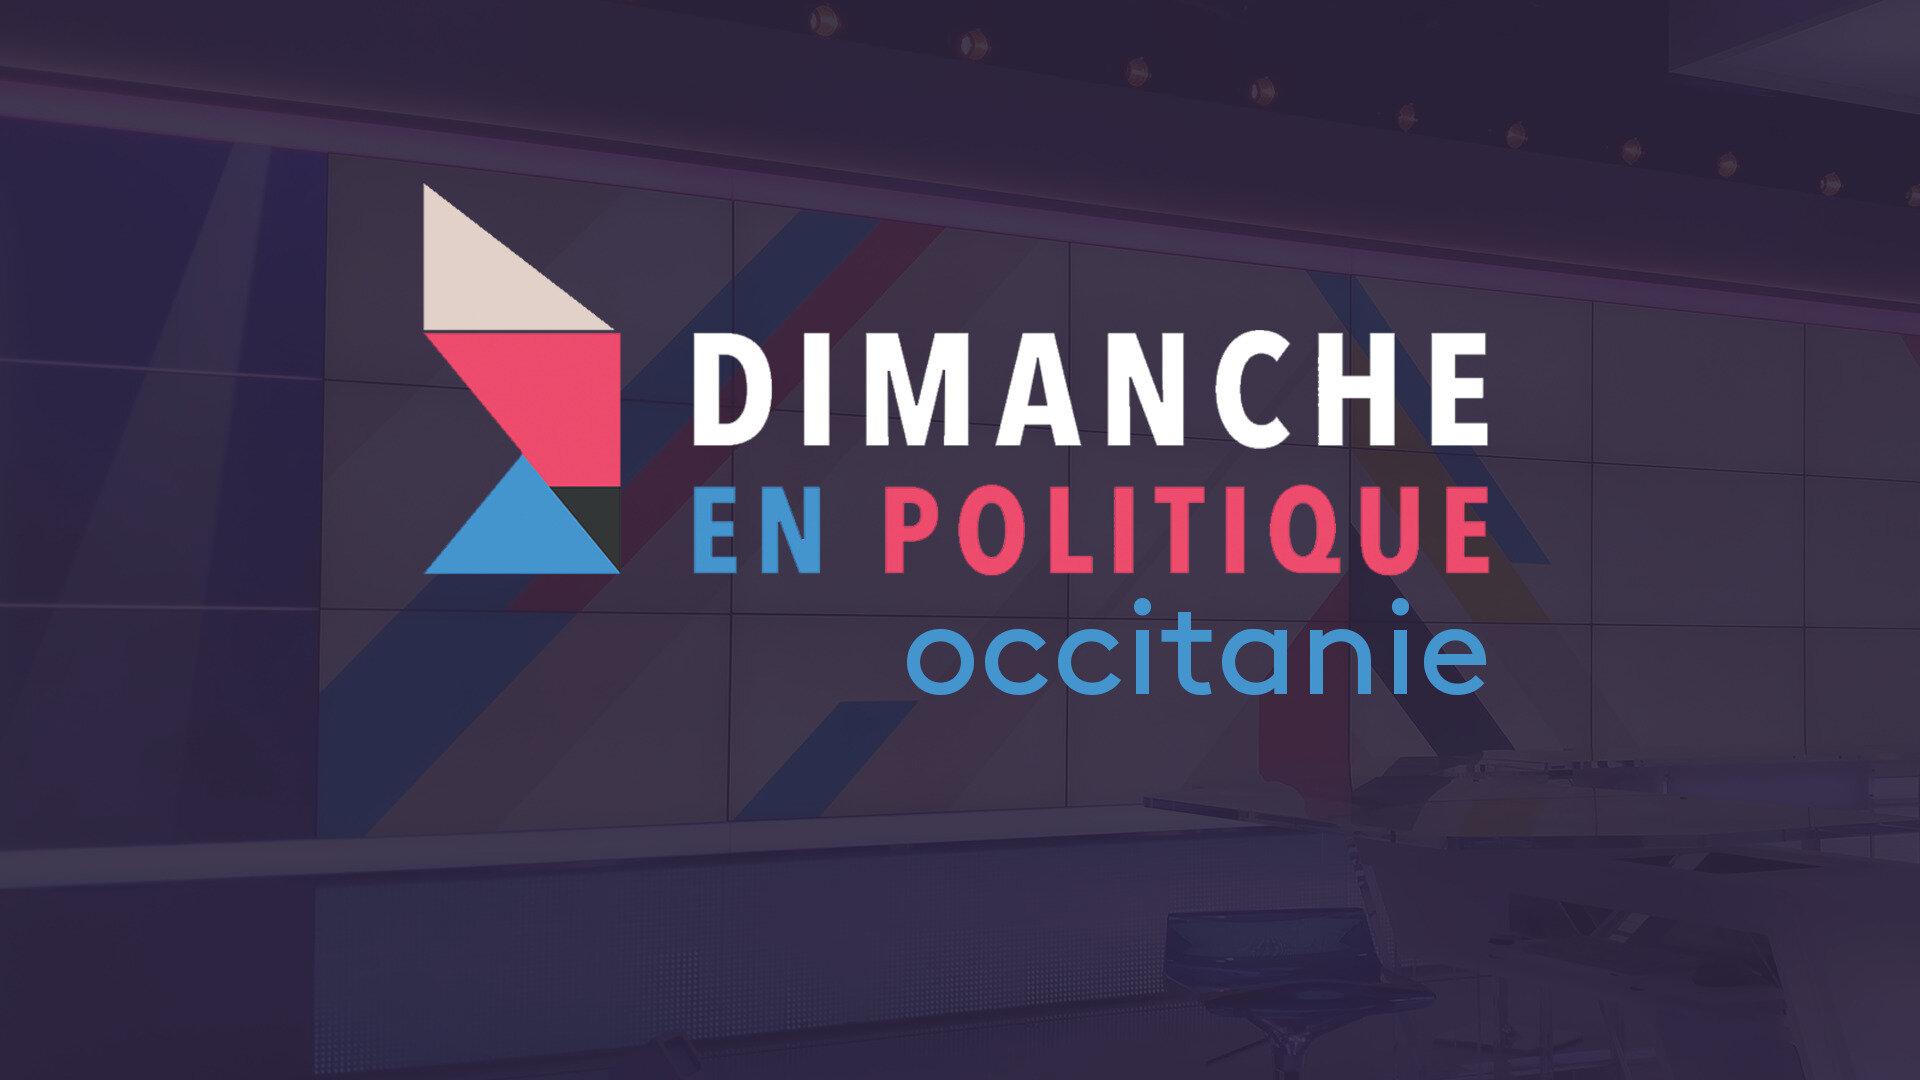 Dimanche en politique - Occitanie